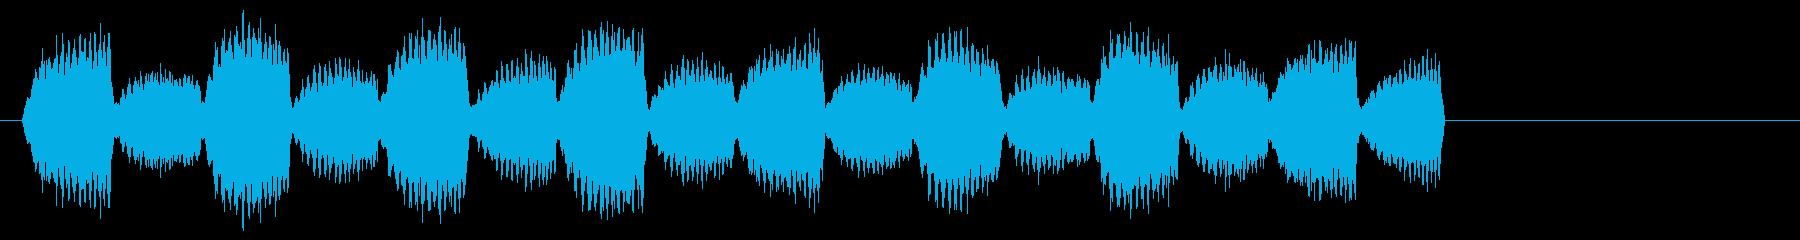 SF/レーダー/フィンフィン/その1の再生済みの波形